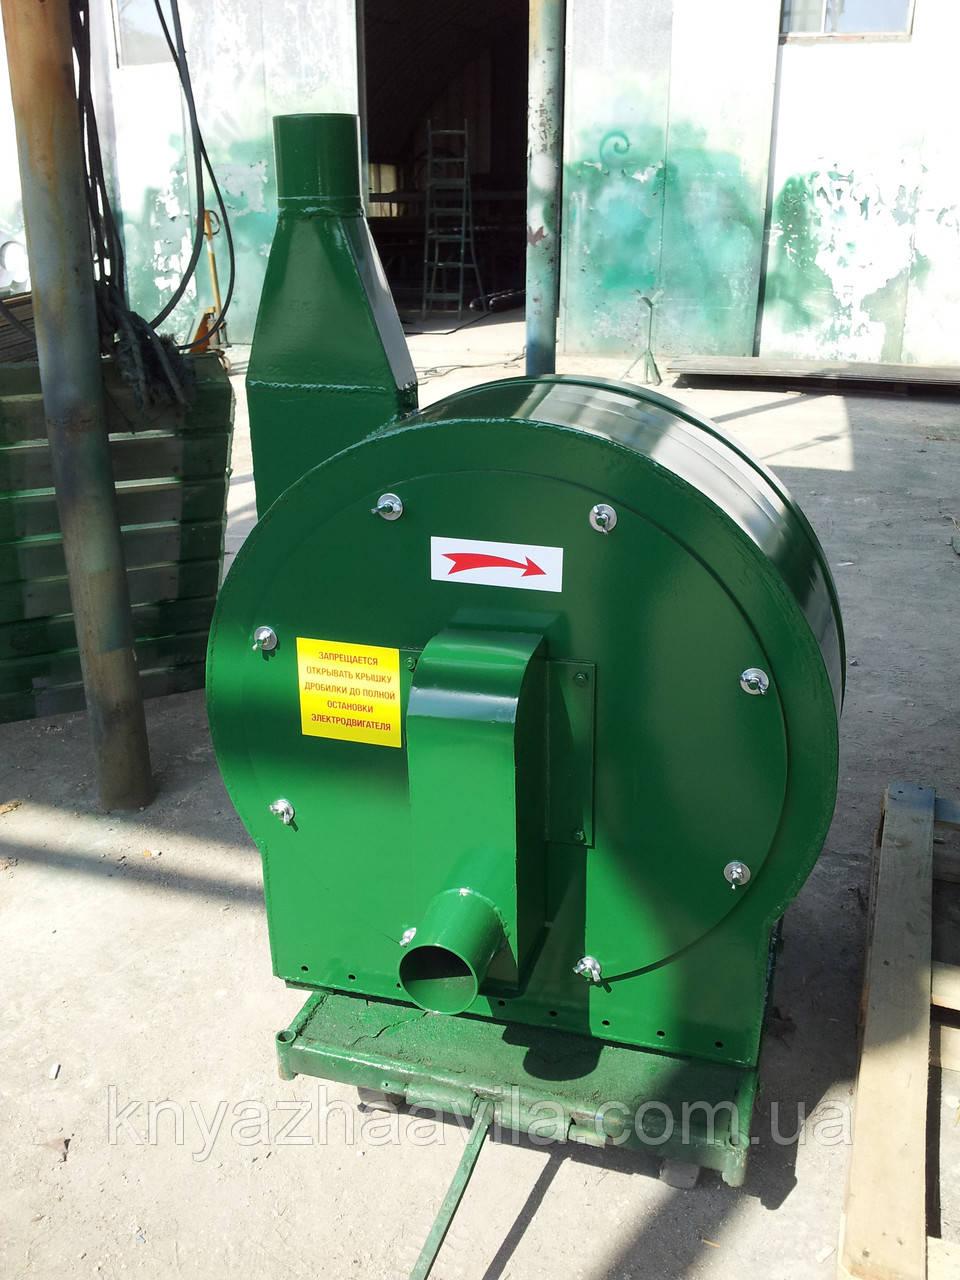 Дробилка молотковая нагнетательная ДМ-002н-ПП, 18,5кВт